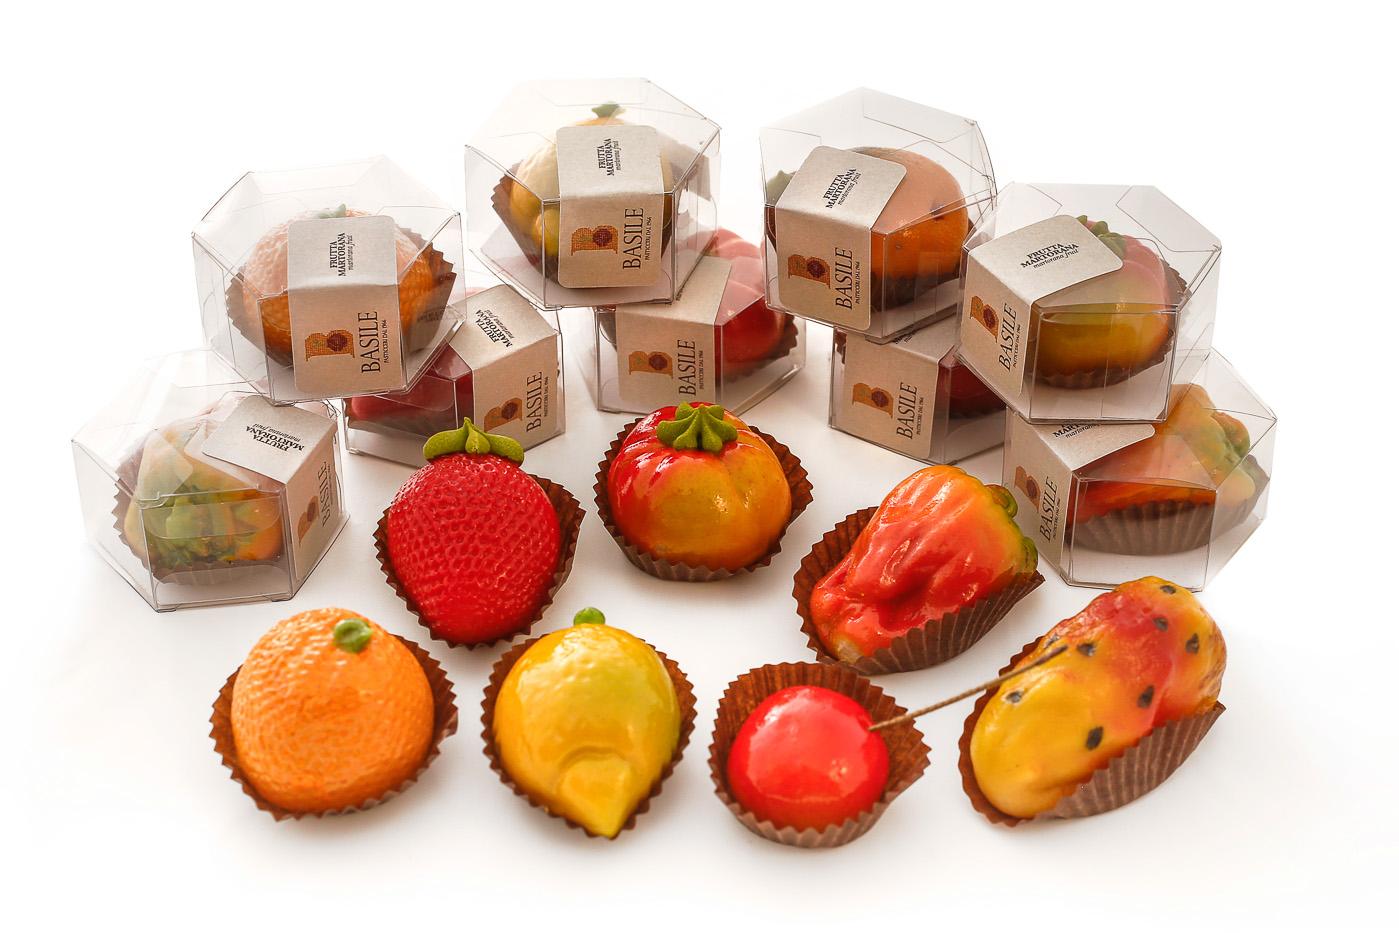 Frutta martorana singola marzapane dolci siciliani for Frutta online